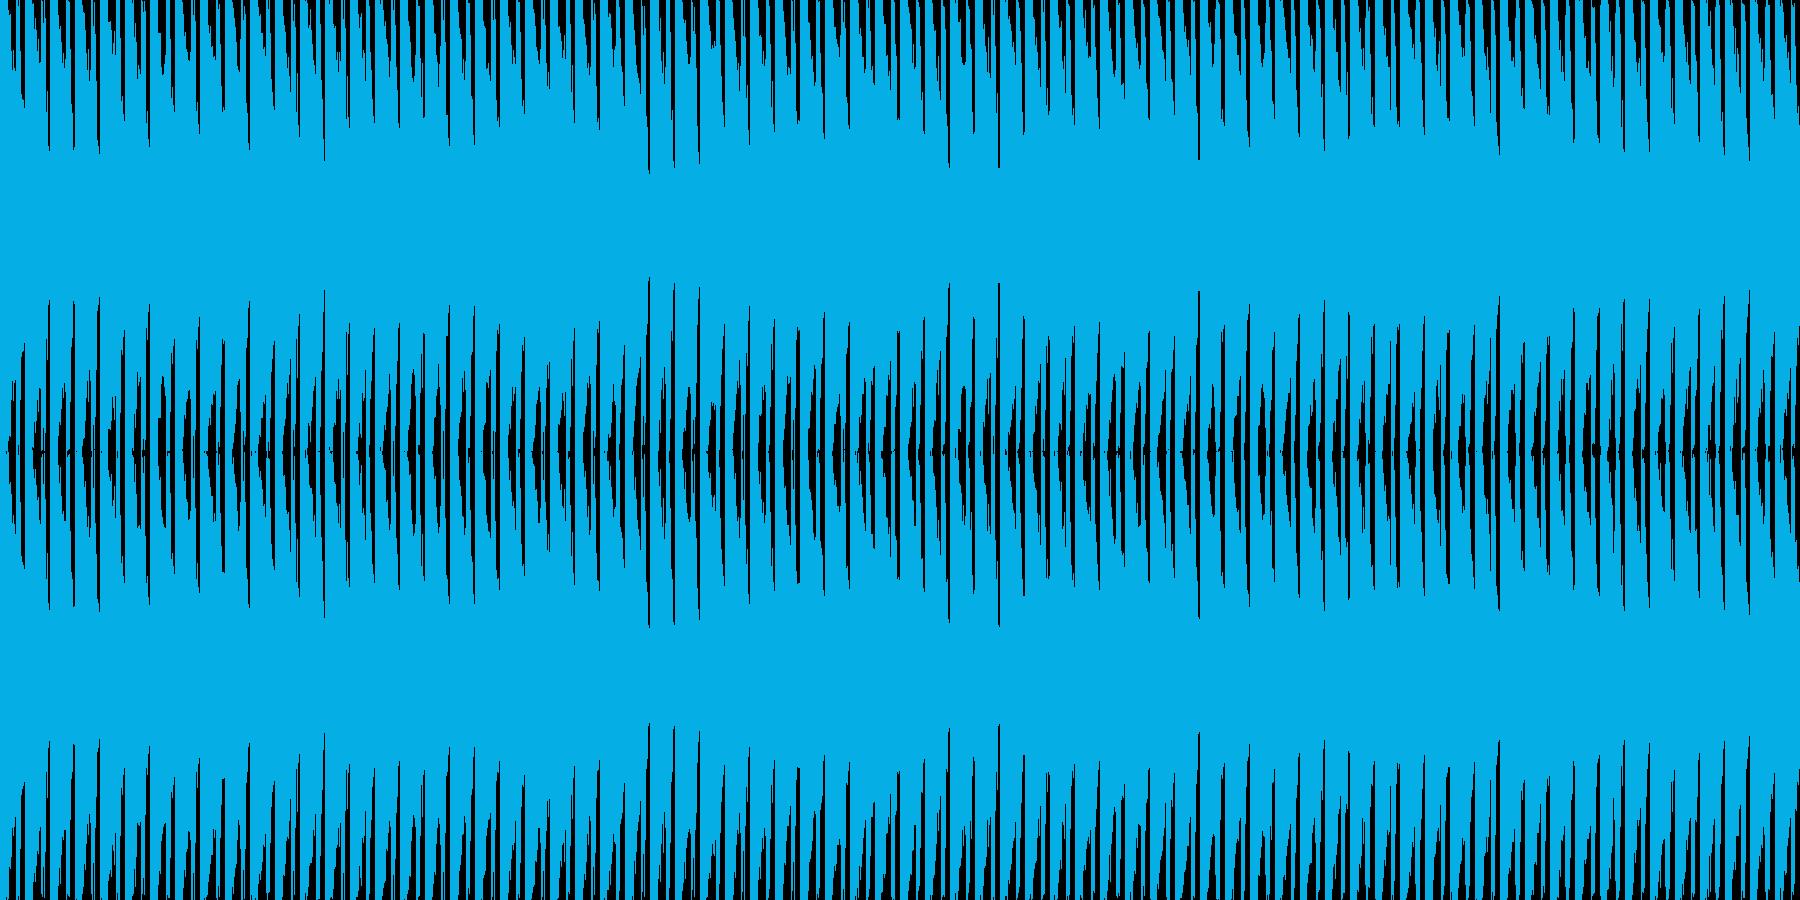 重ためのビートの再生済みの波形